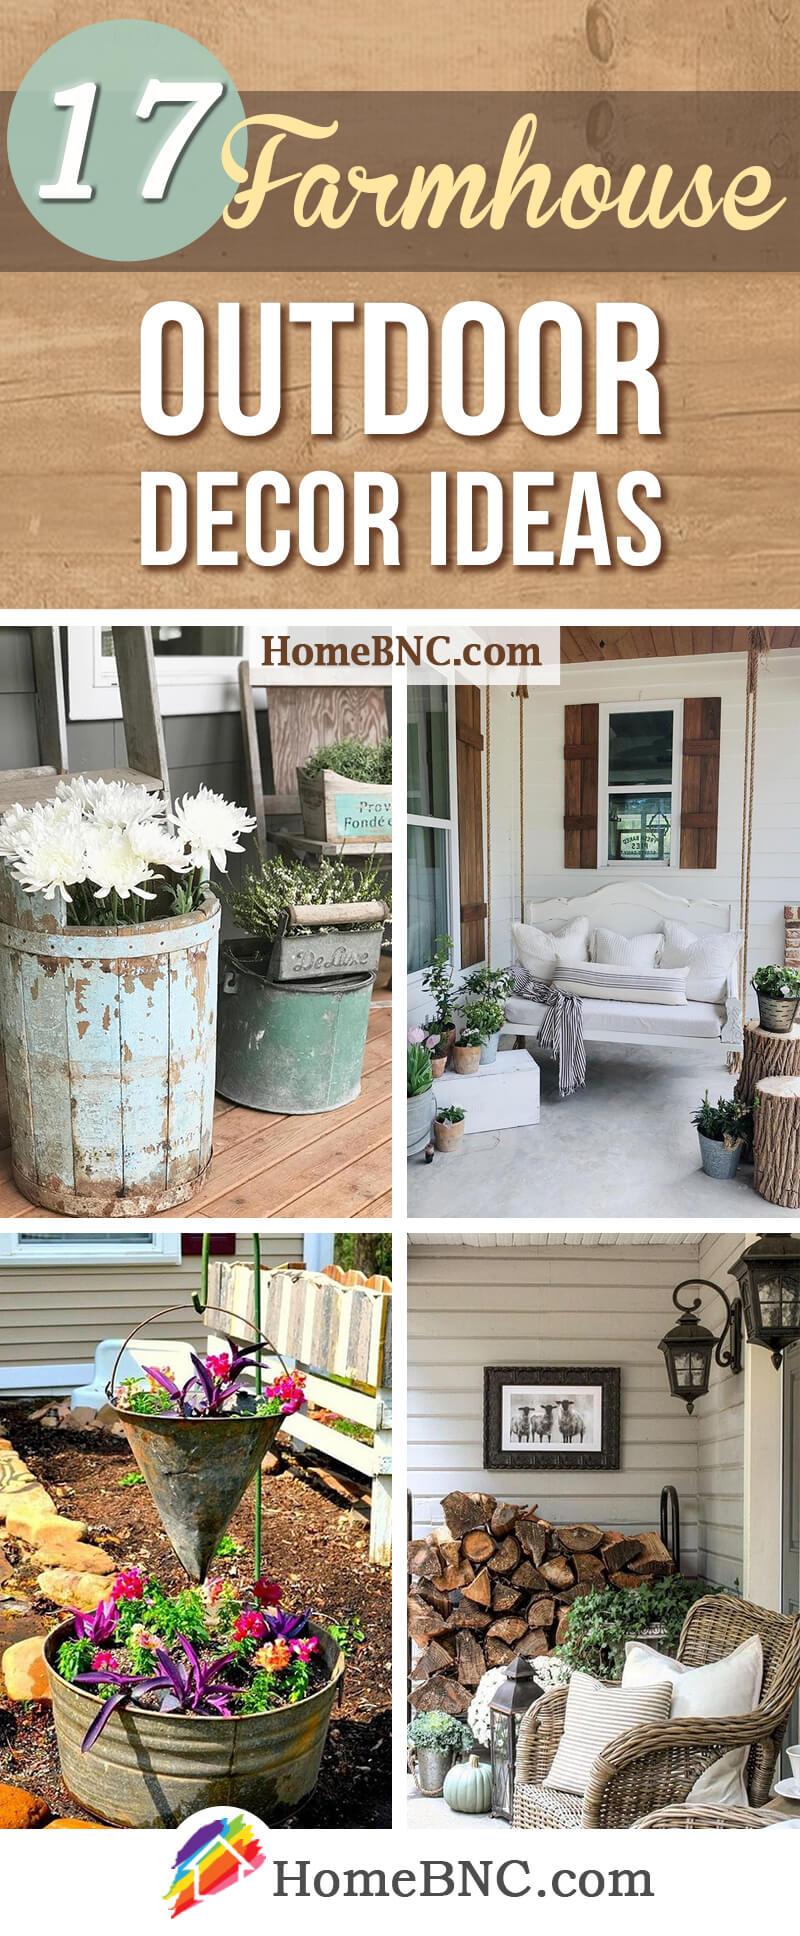 Farmhouse Outdoor Decor Ideas